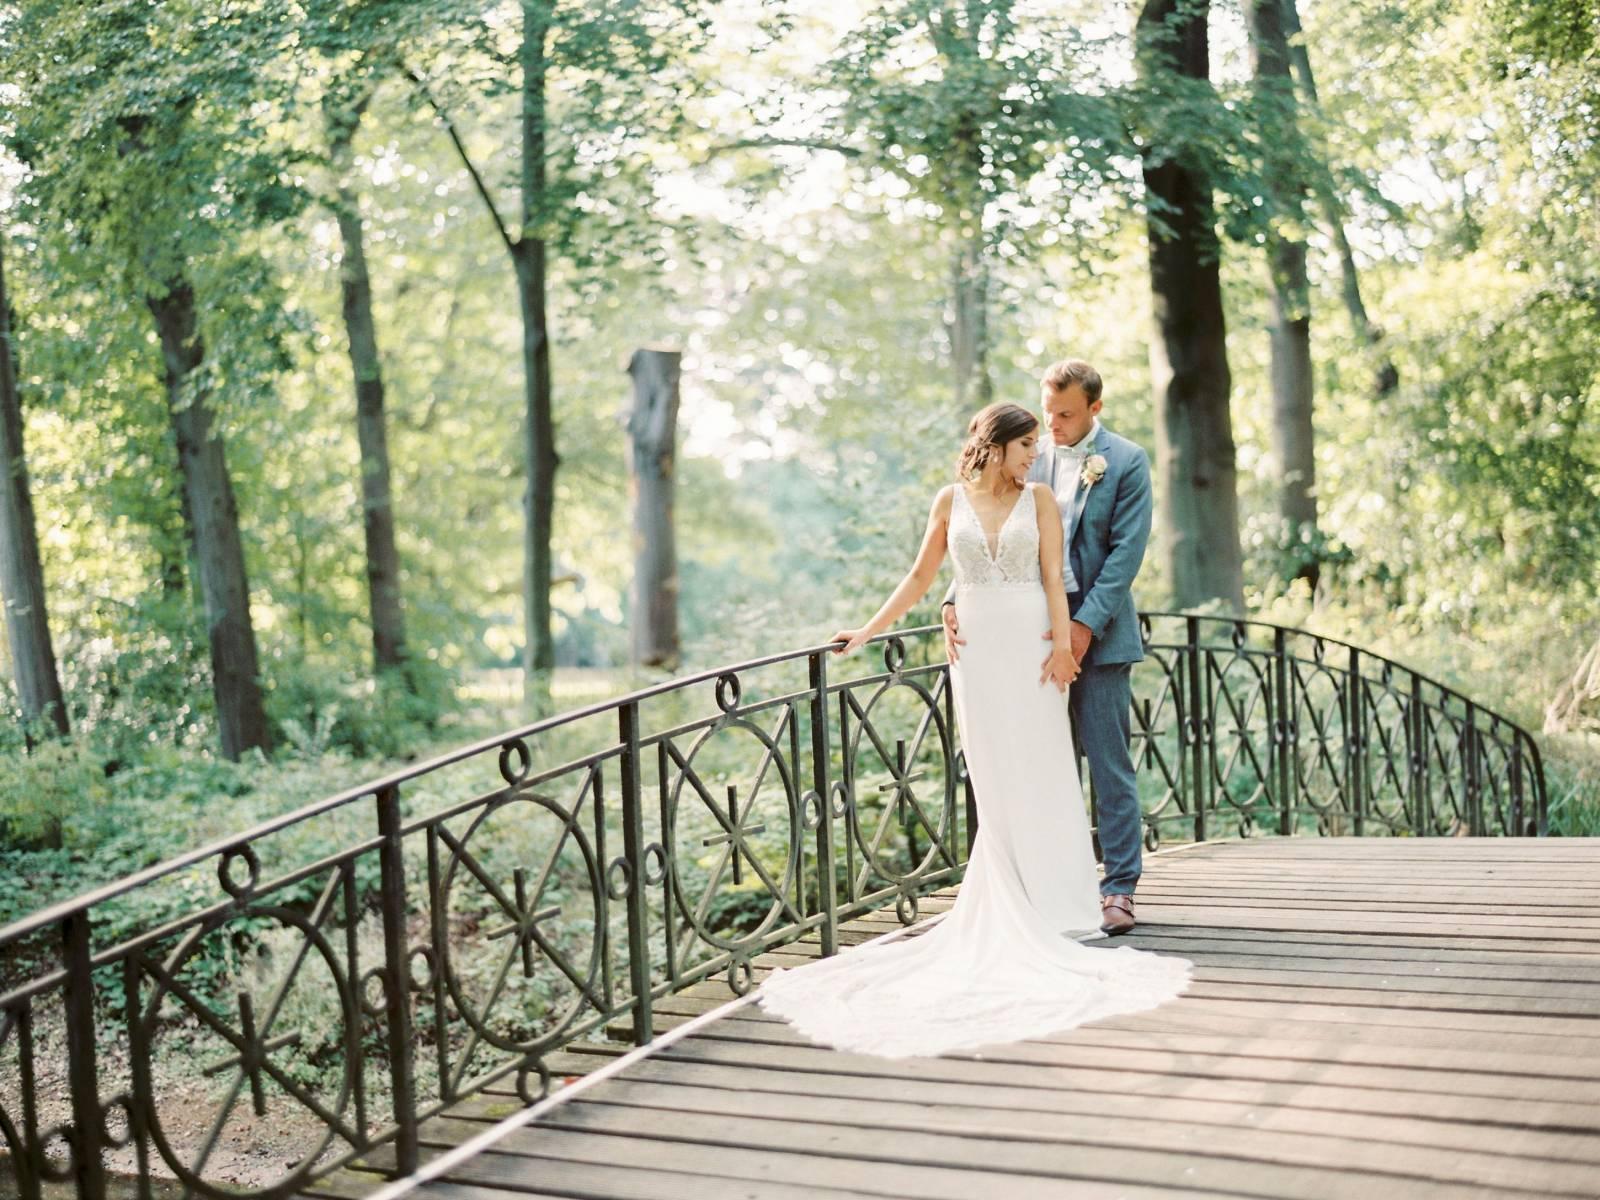 Elisabeth Van Lent - Huwelijksfotograaf - Fine Art - House of Weddings - 34